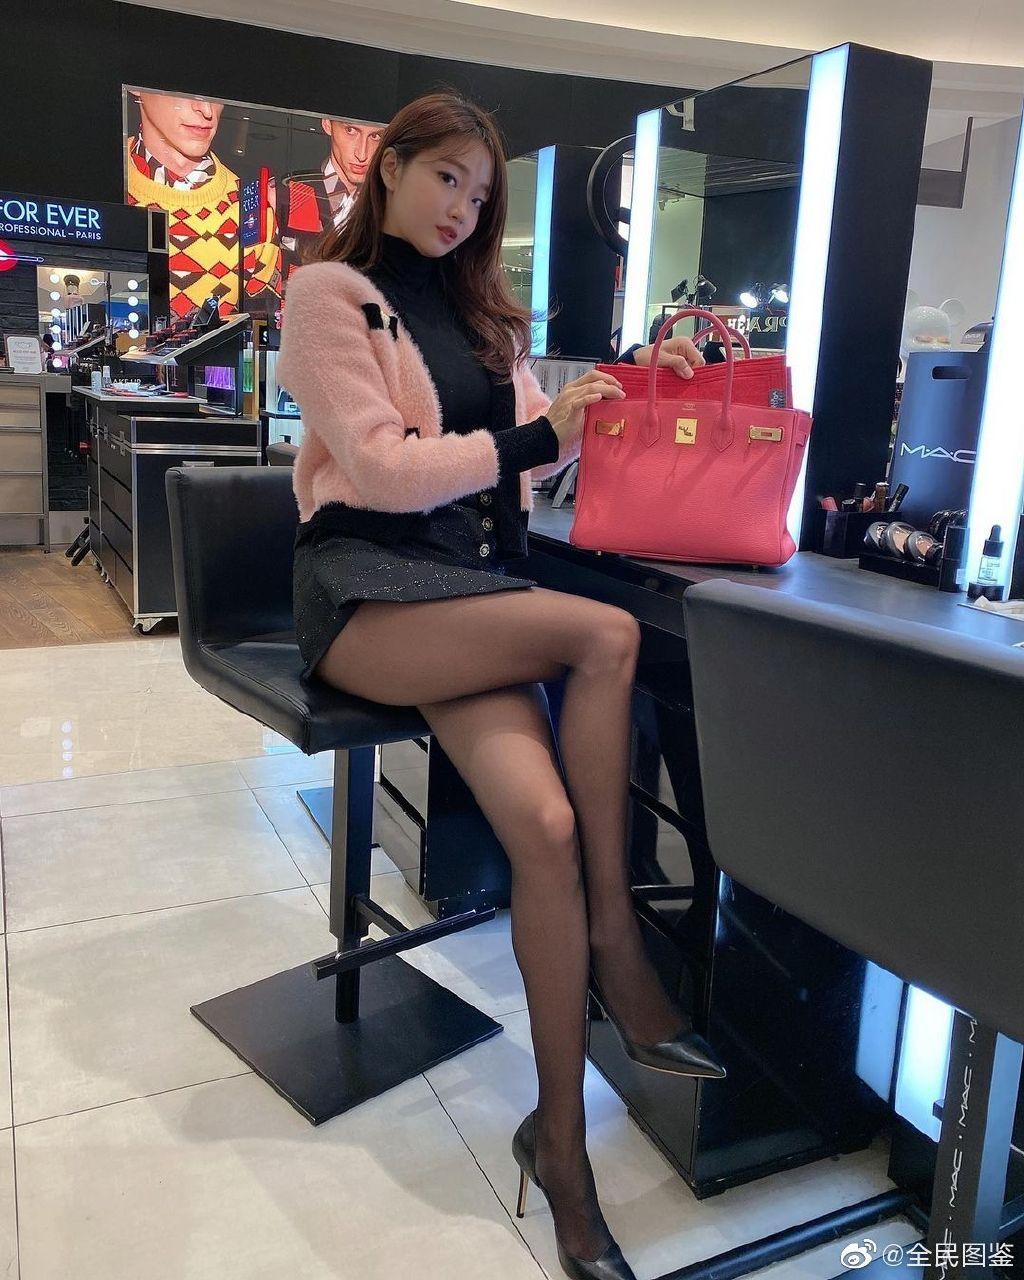 小姐姐这包一定很贵吧? 发现美